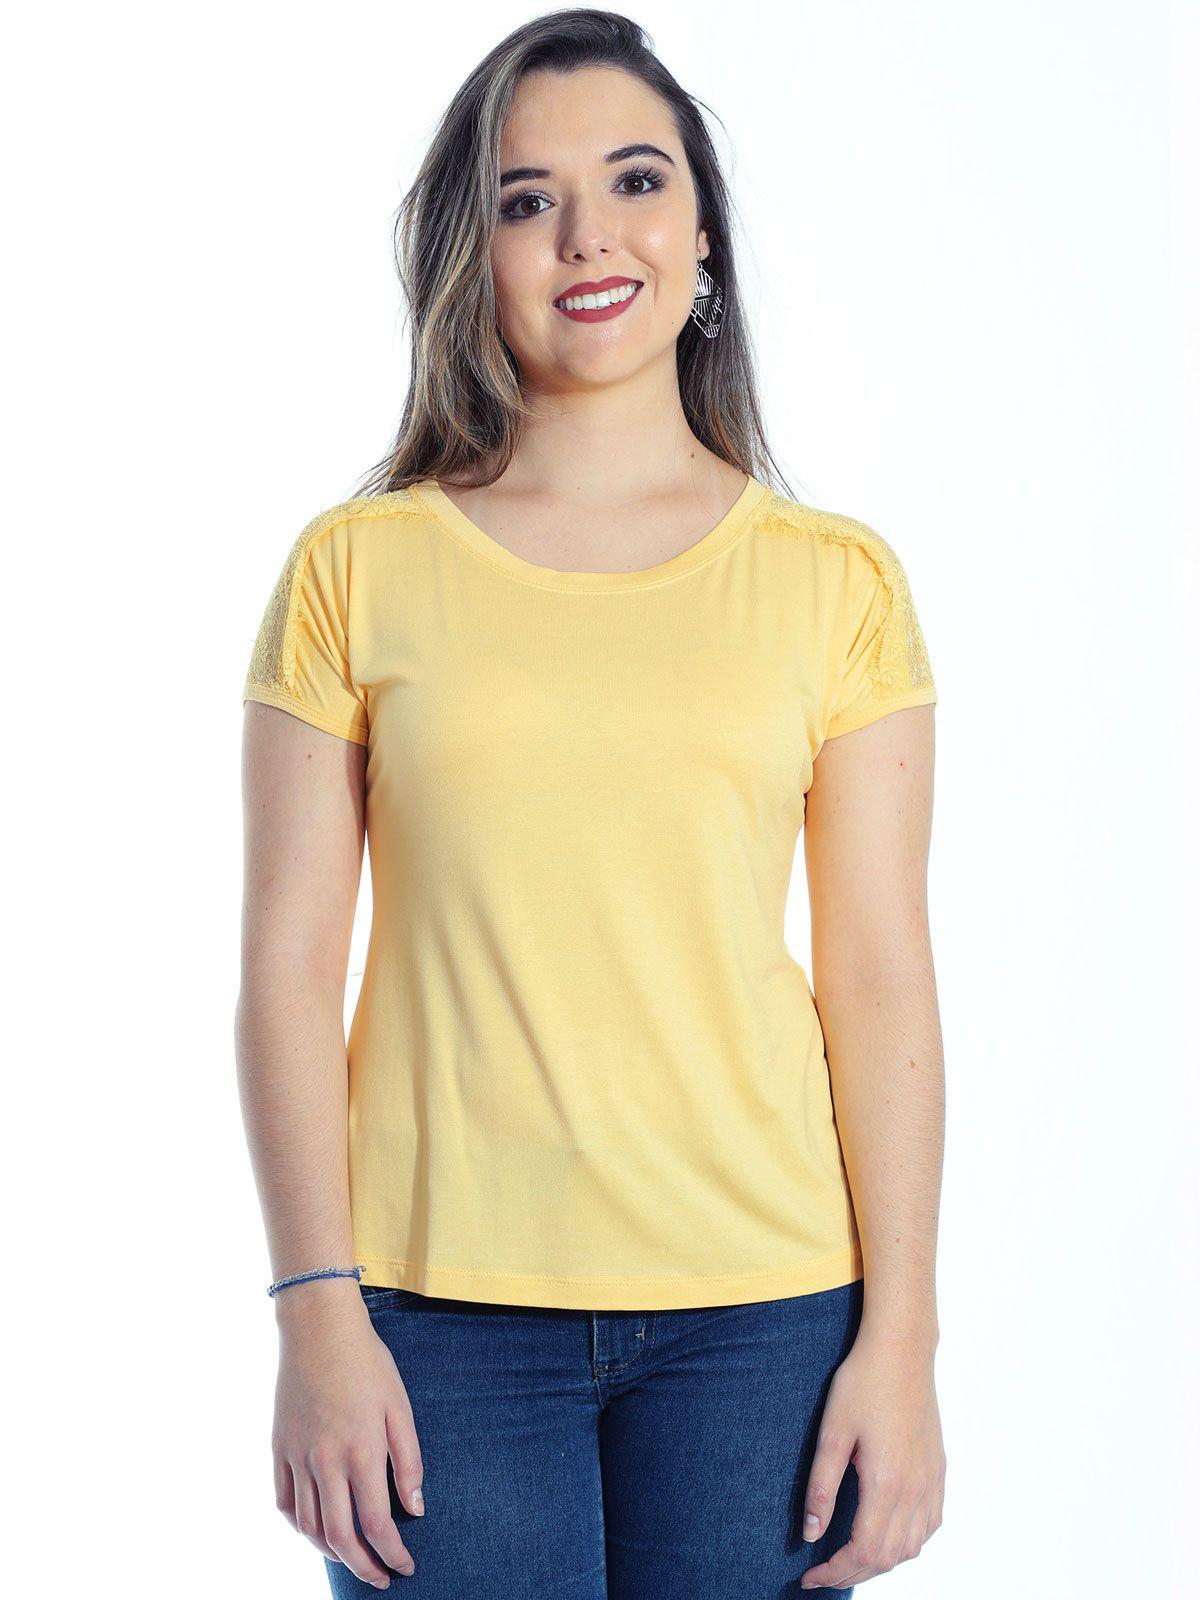 Blusa Anistia Viscolycra Ombros com Renda Amarelo